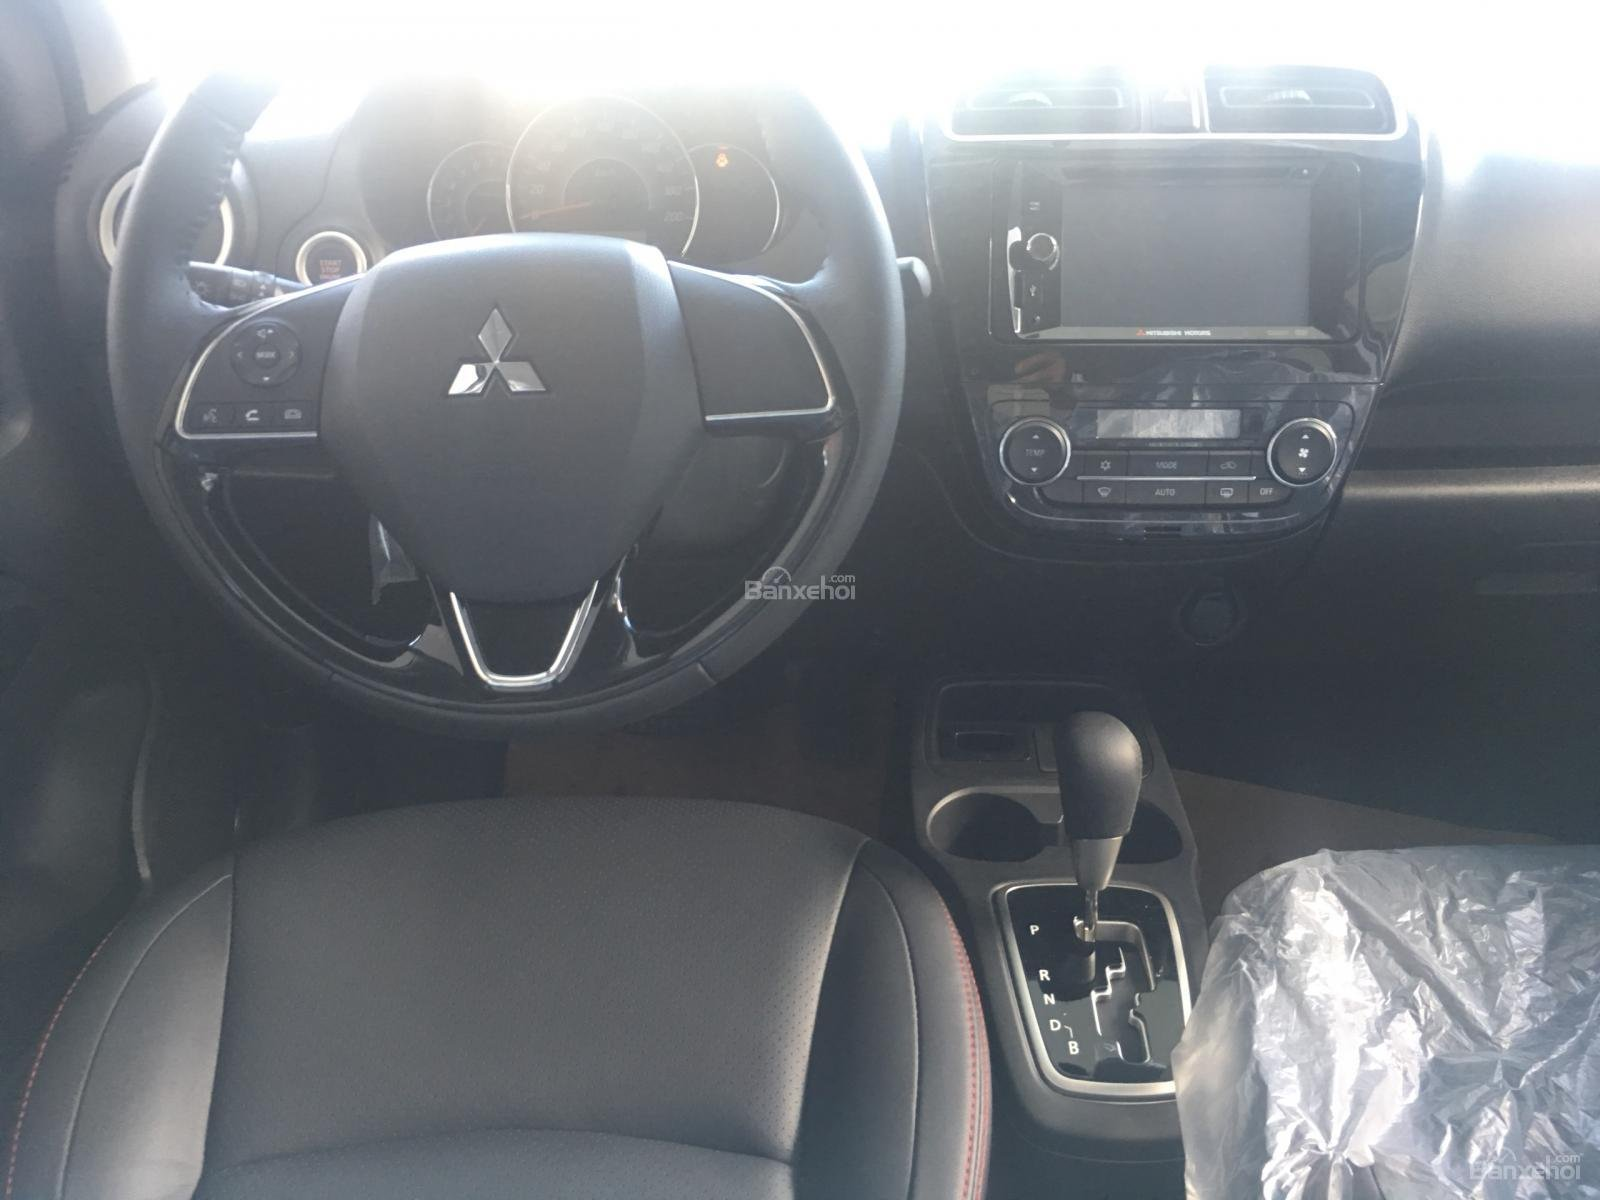 Cần bán Mitsubishi Attrage CVT 2019, nhập khẩu, giao xe ngay. Liên hệ: 0938.598.738-4